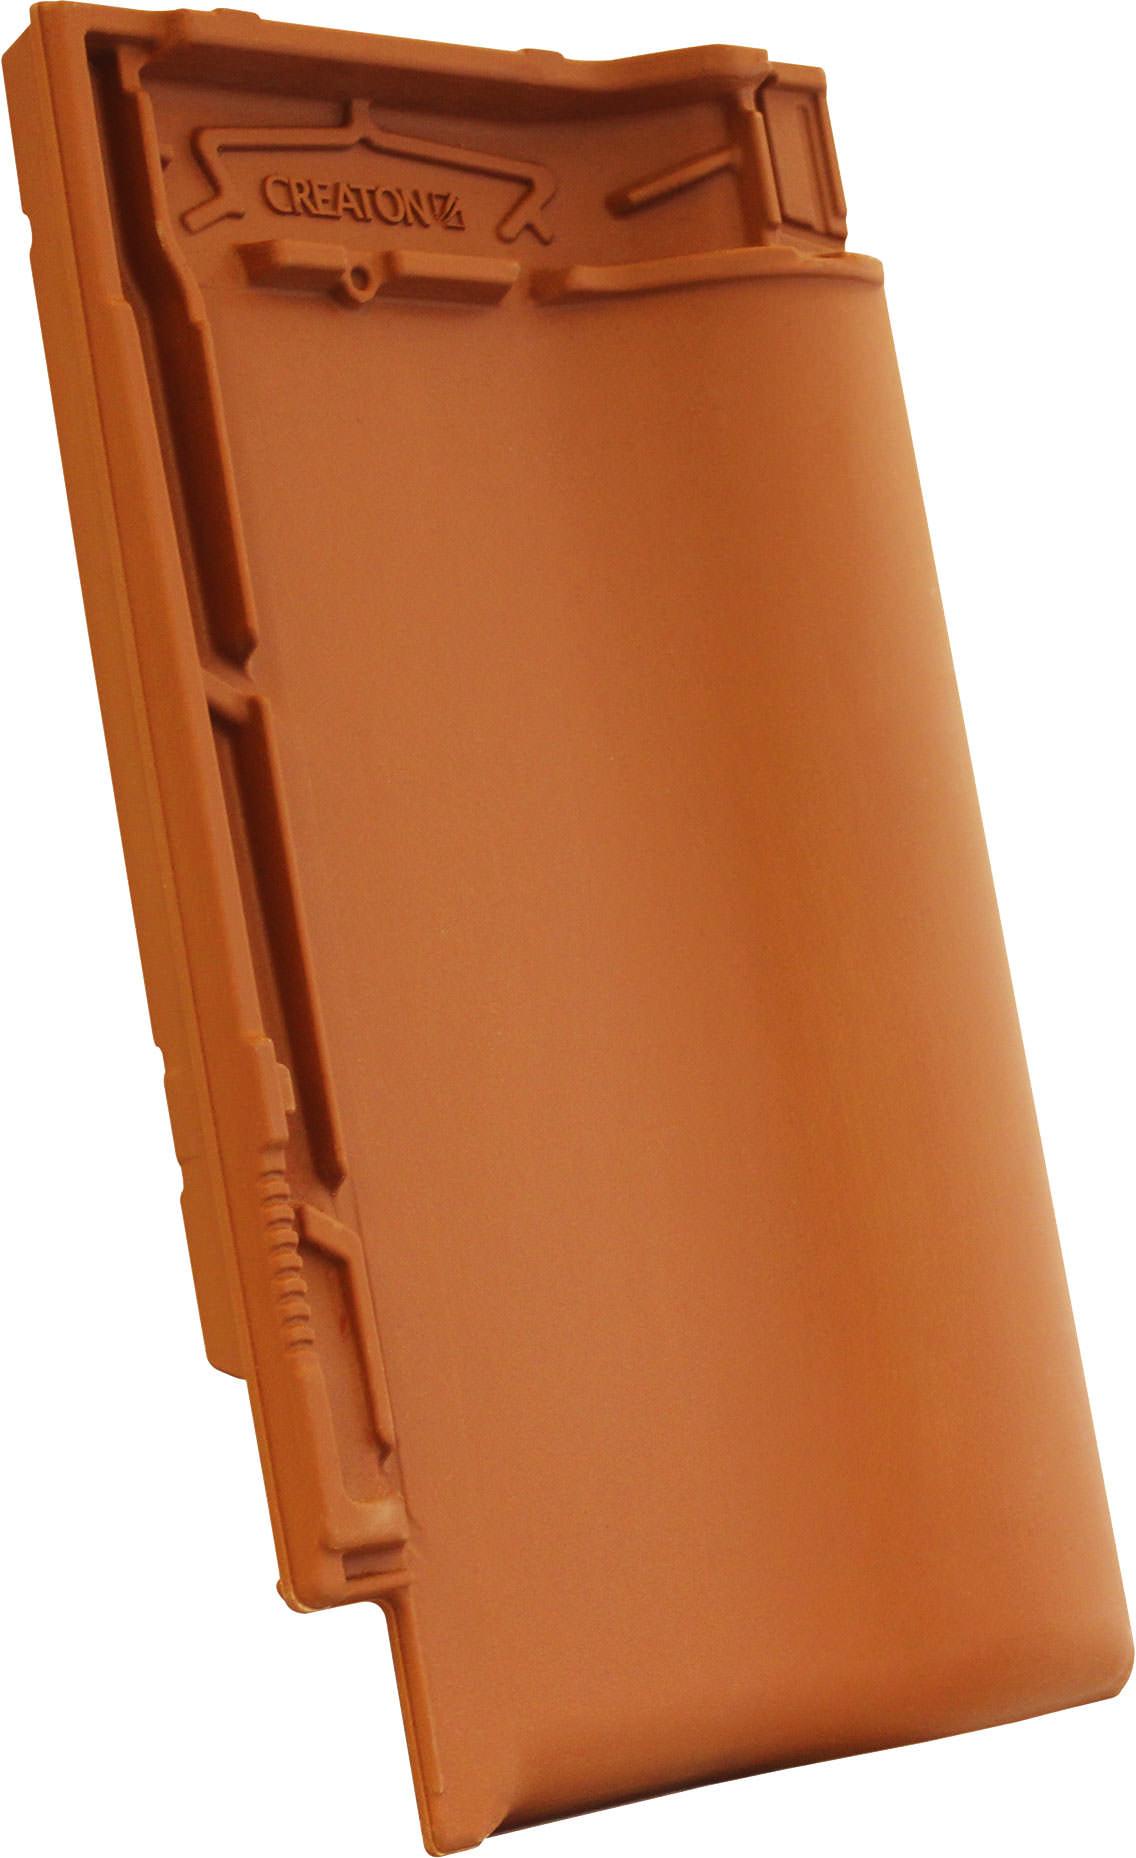 mz3 neu neuauflage eines creaton klassikers kleinformatiger flachdachziegel. Black Bedroom Furniture Sets. Home Design Ideas